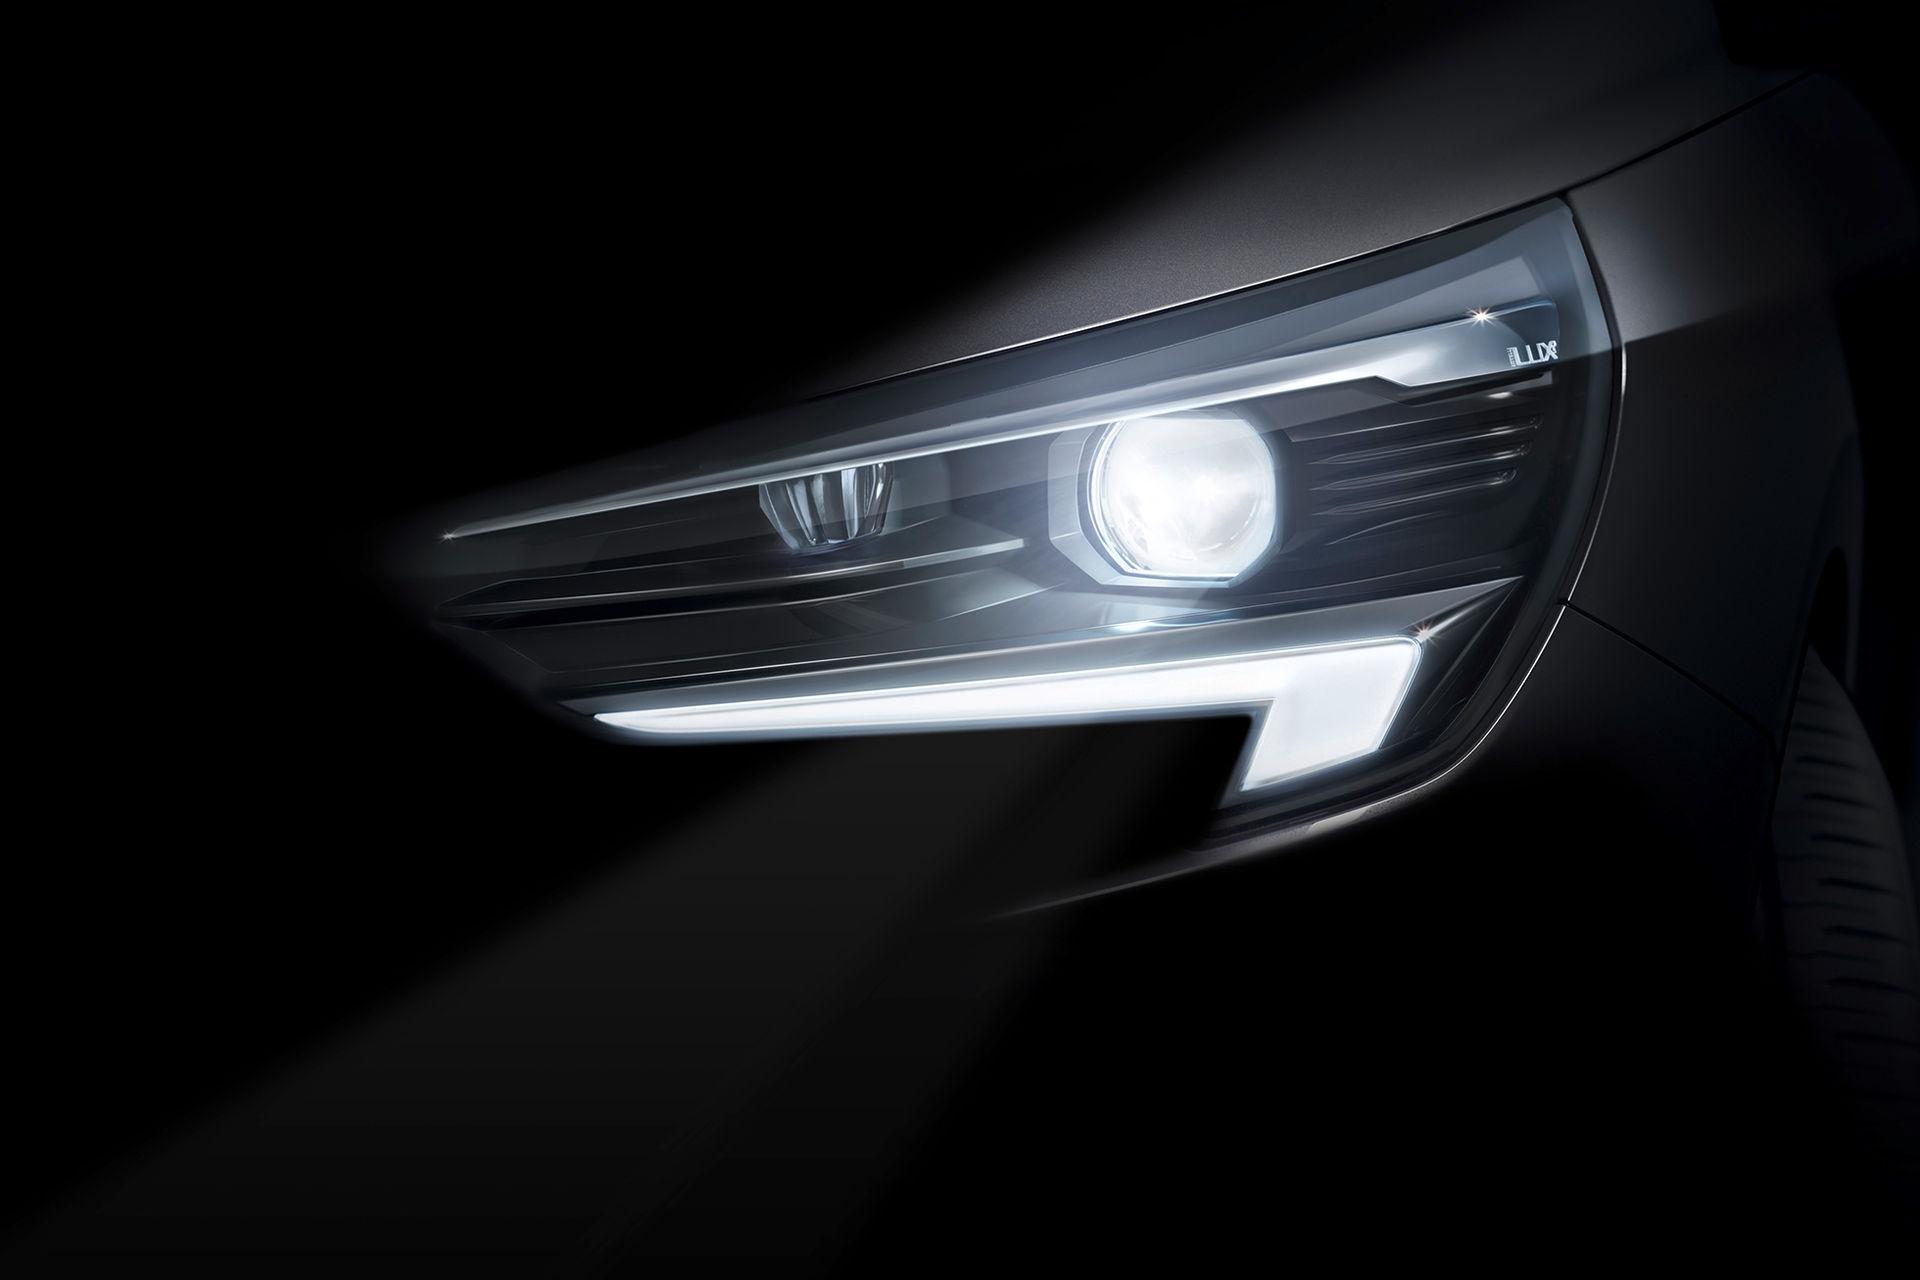 Så här ser nya Opel Corsas LED-strålkastare ut